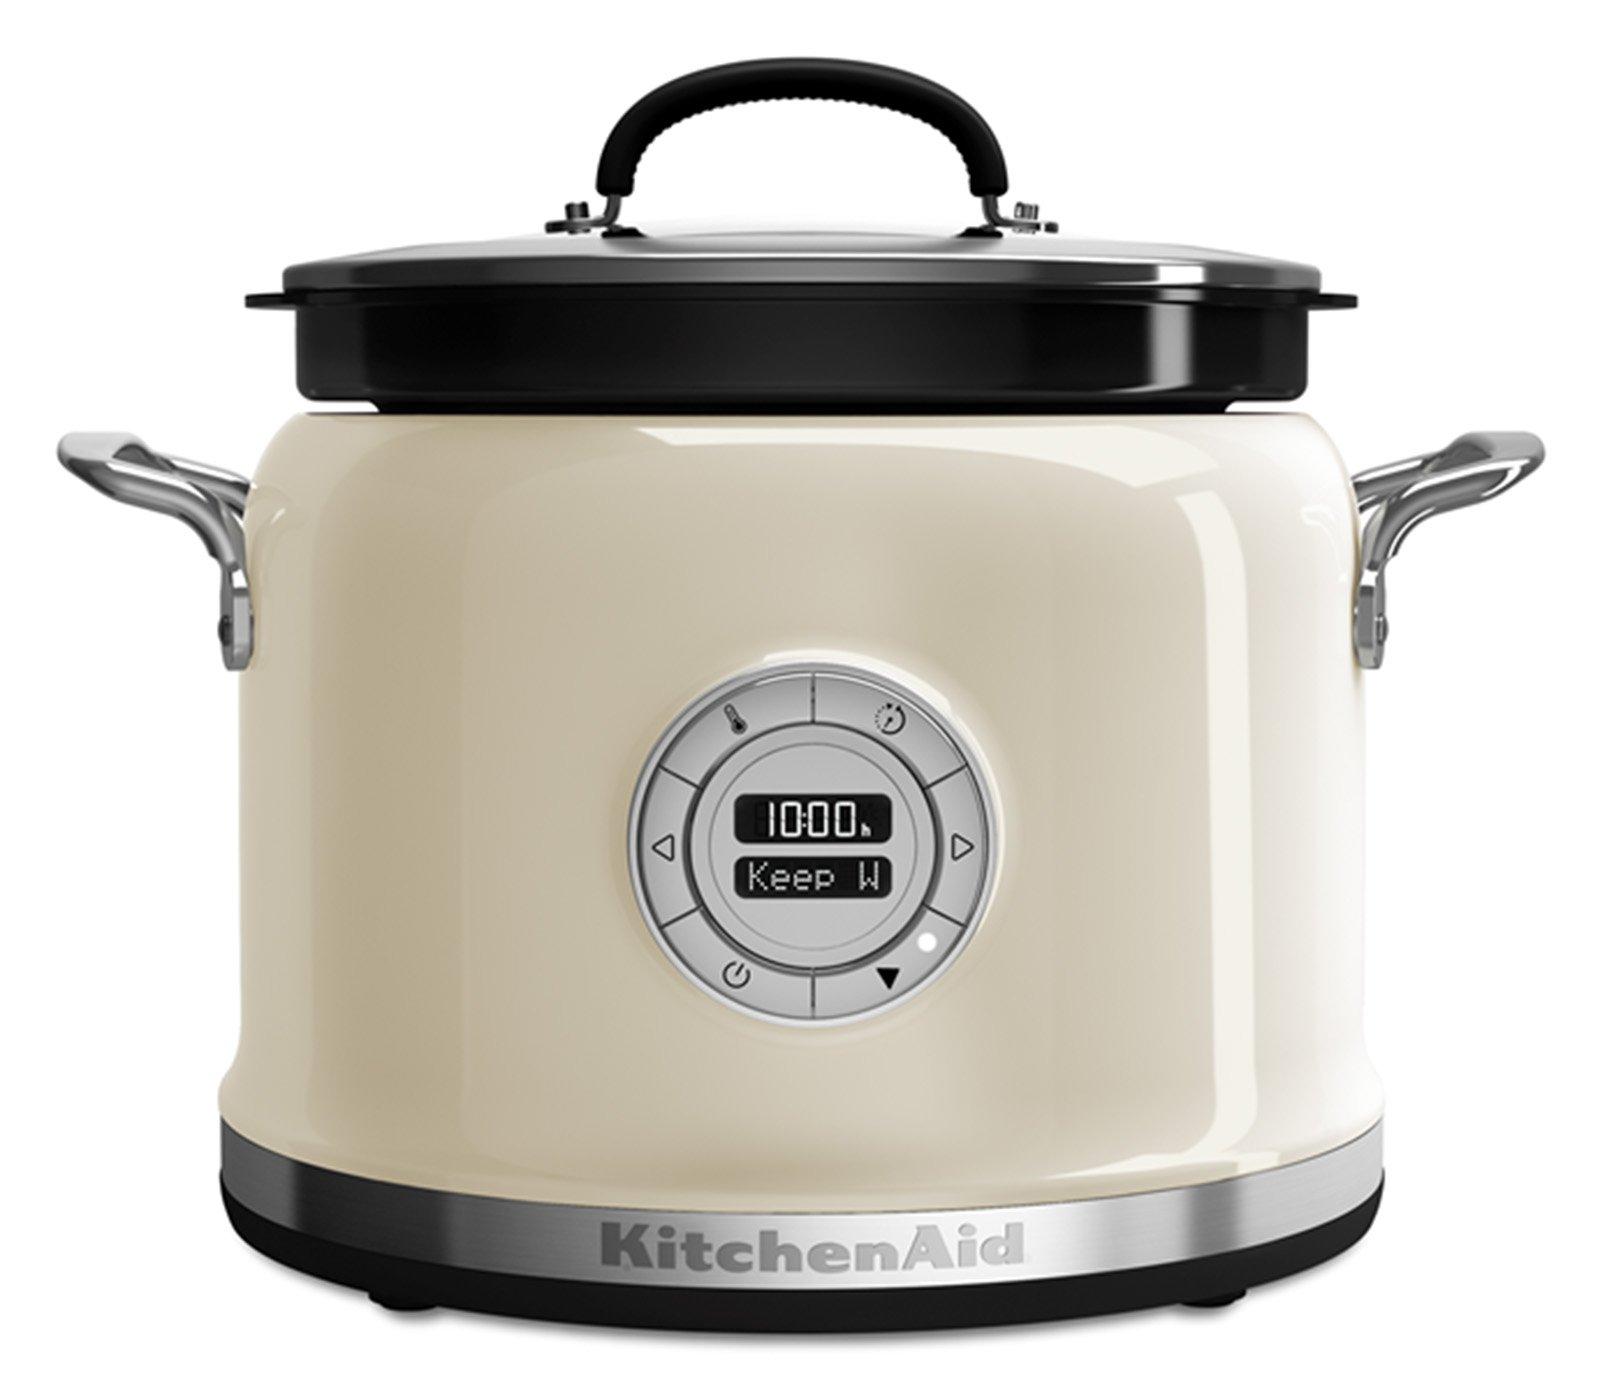 Multicooker di KitchenAid cela all'interno una ciotola di cottura in ceramica antiaderente da 4 litri. Dieci programmi di cottura e quattro modalità step-by-step (risotto, zuppa, riso, yogurt). Braccio mescolatore opzionale. L 37,8 x P 31 x H 30,2 cm. Prezzo: 449 euro. www.kitchenaid.it